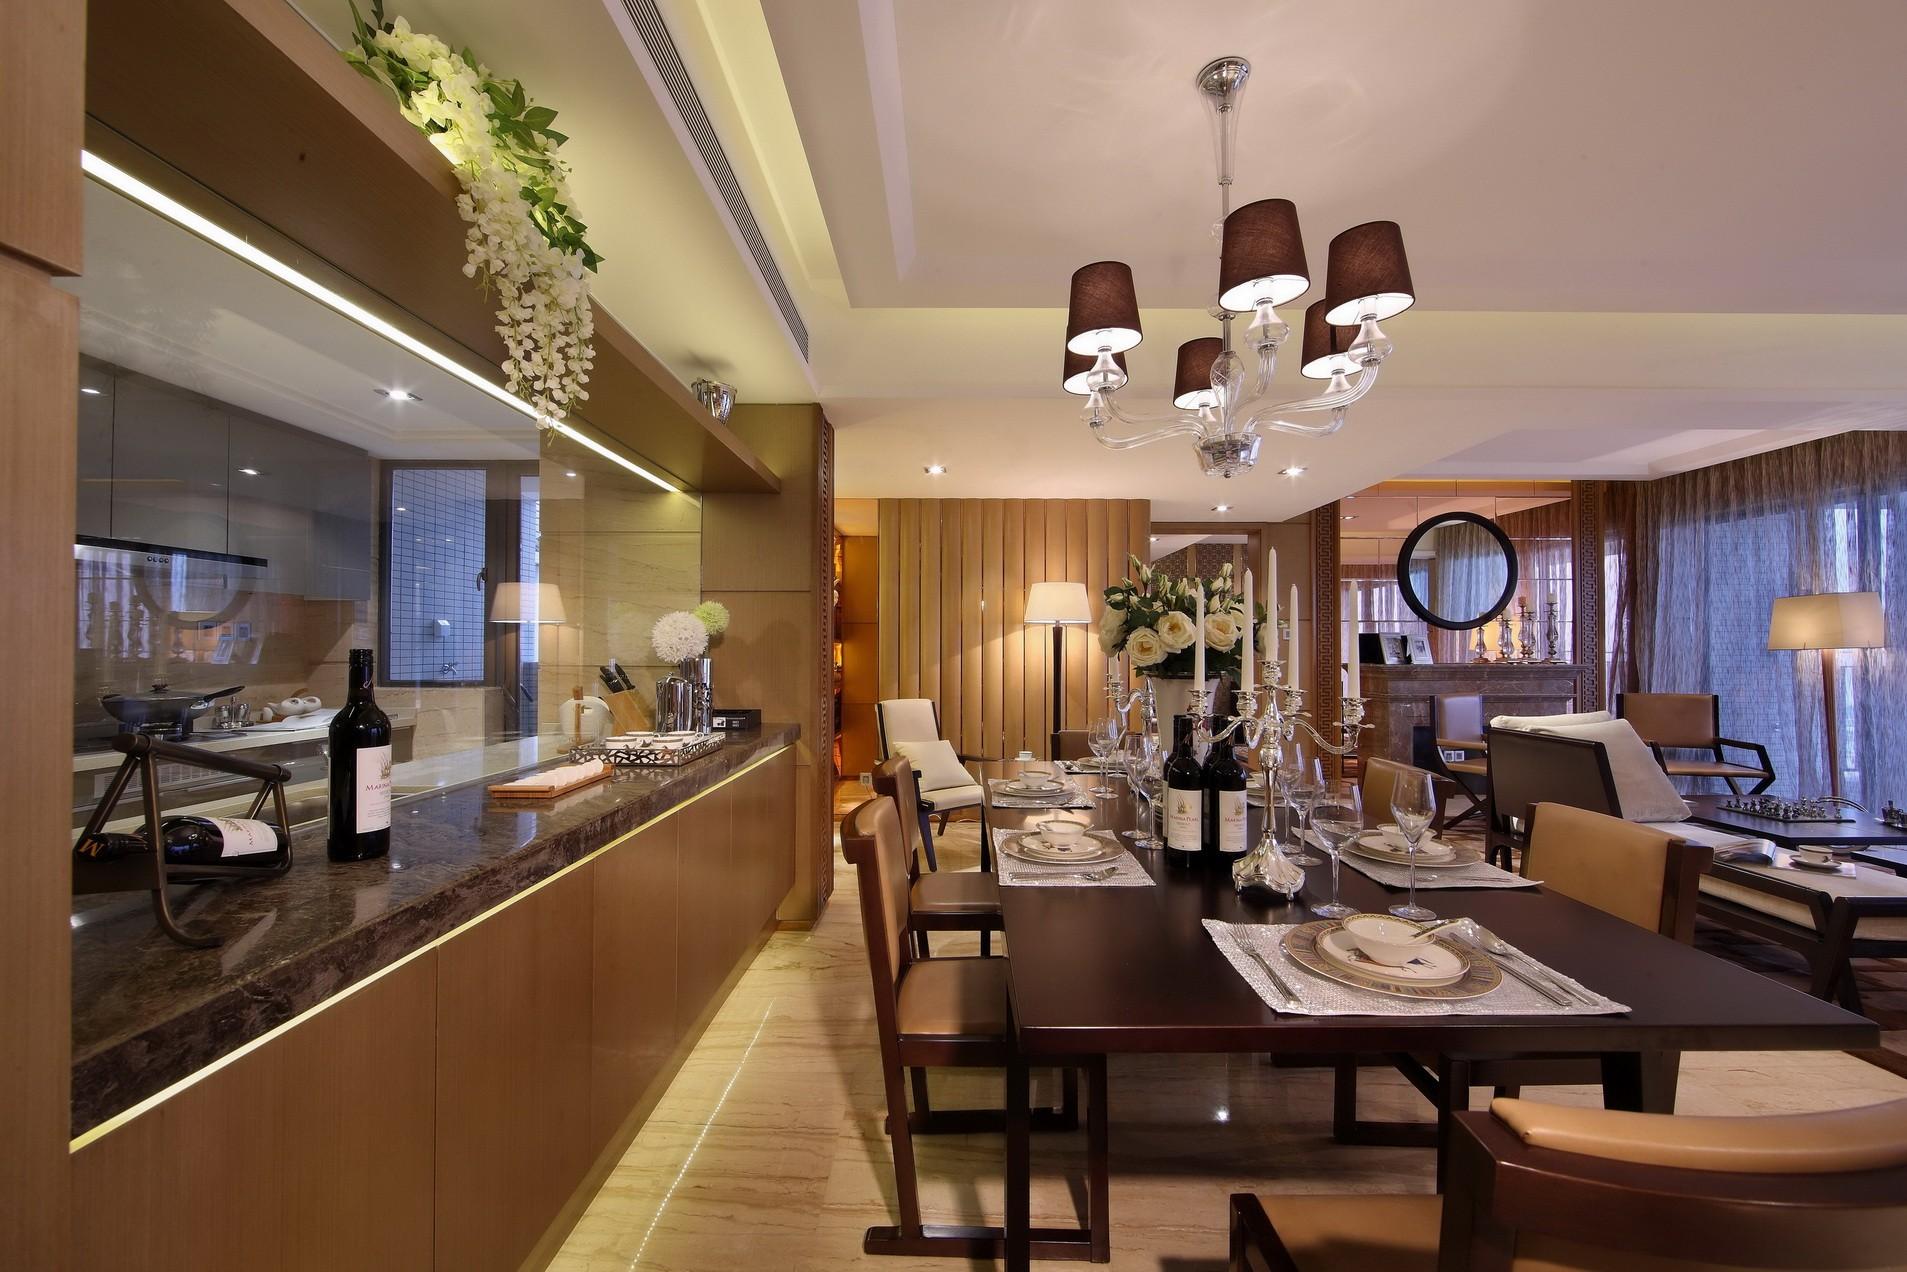 华丽的灯池营造了温馨舒适的就餐氛围,木质餐桌椅温润质感,复古大气。